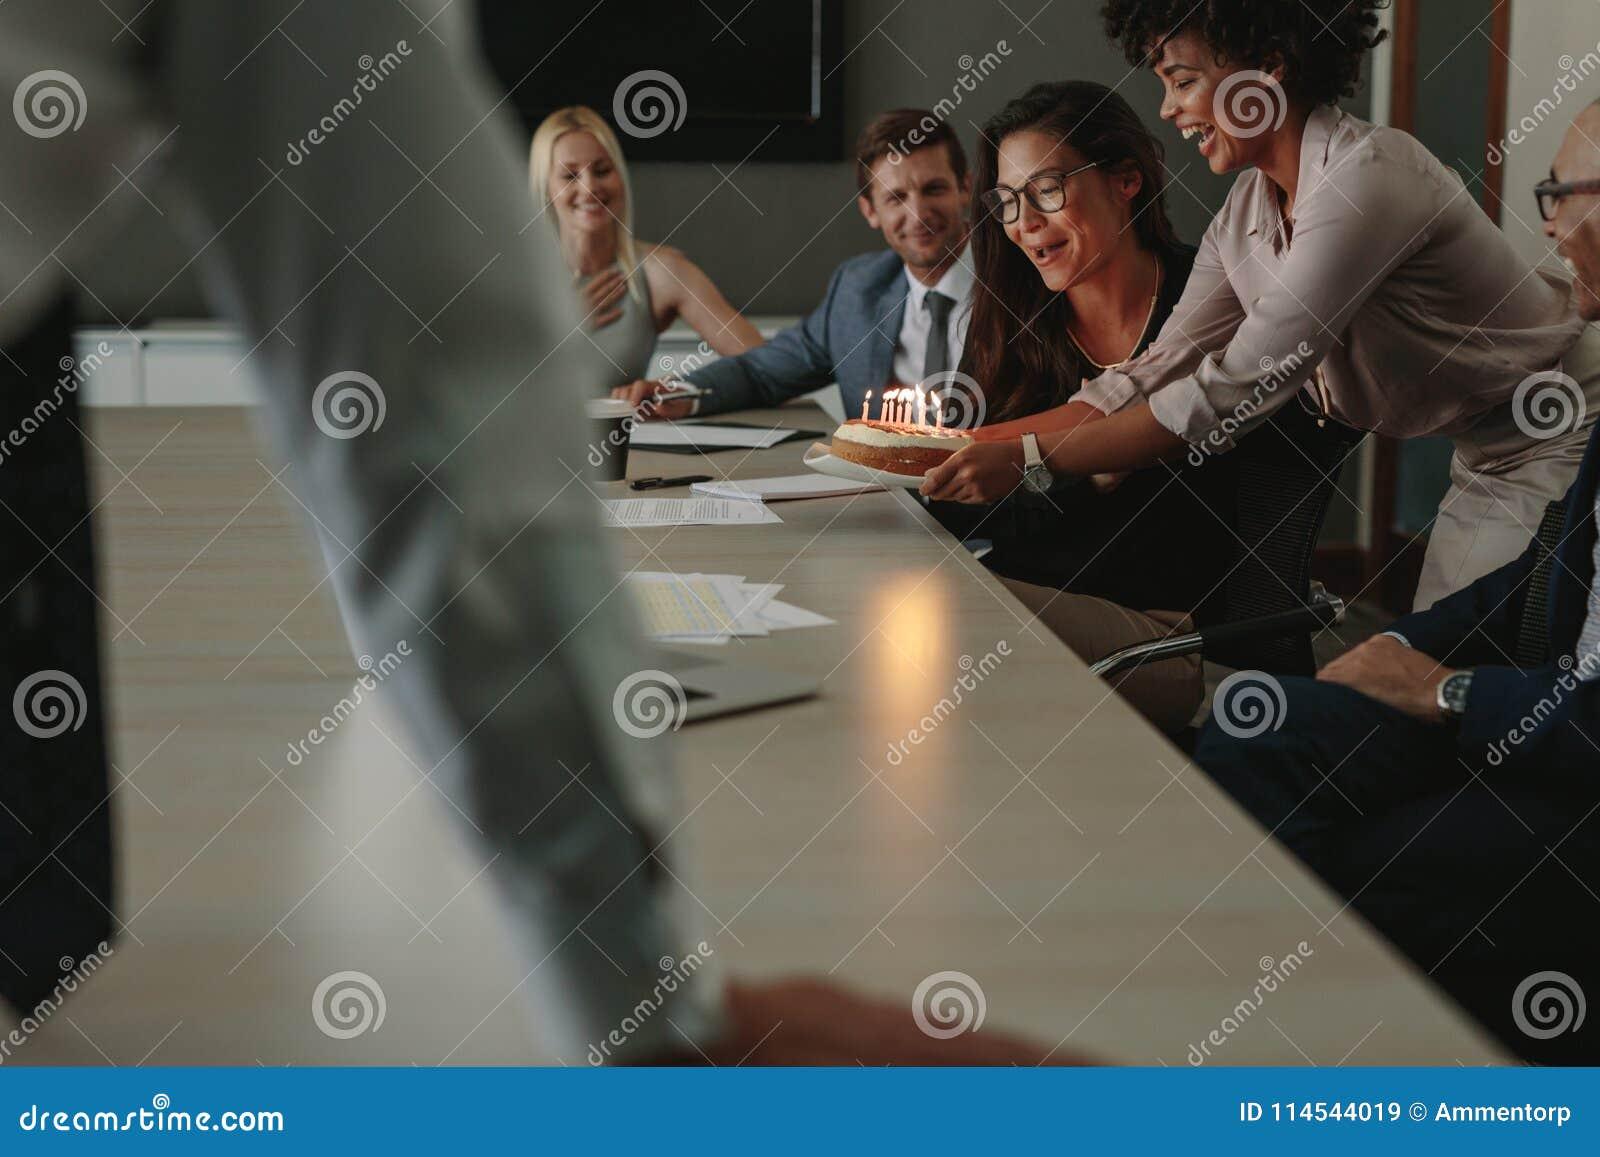 Mitarbeiter Die Geburtstag Eines Weiblichen Kollegen Im Buro Feiern